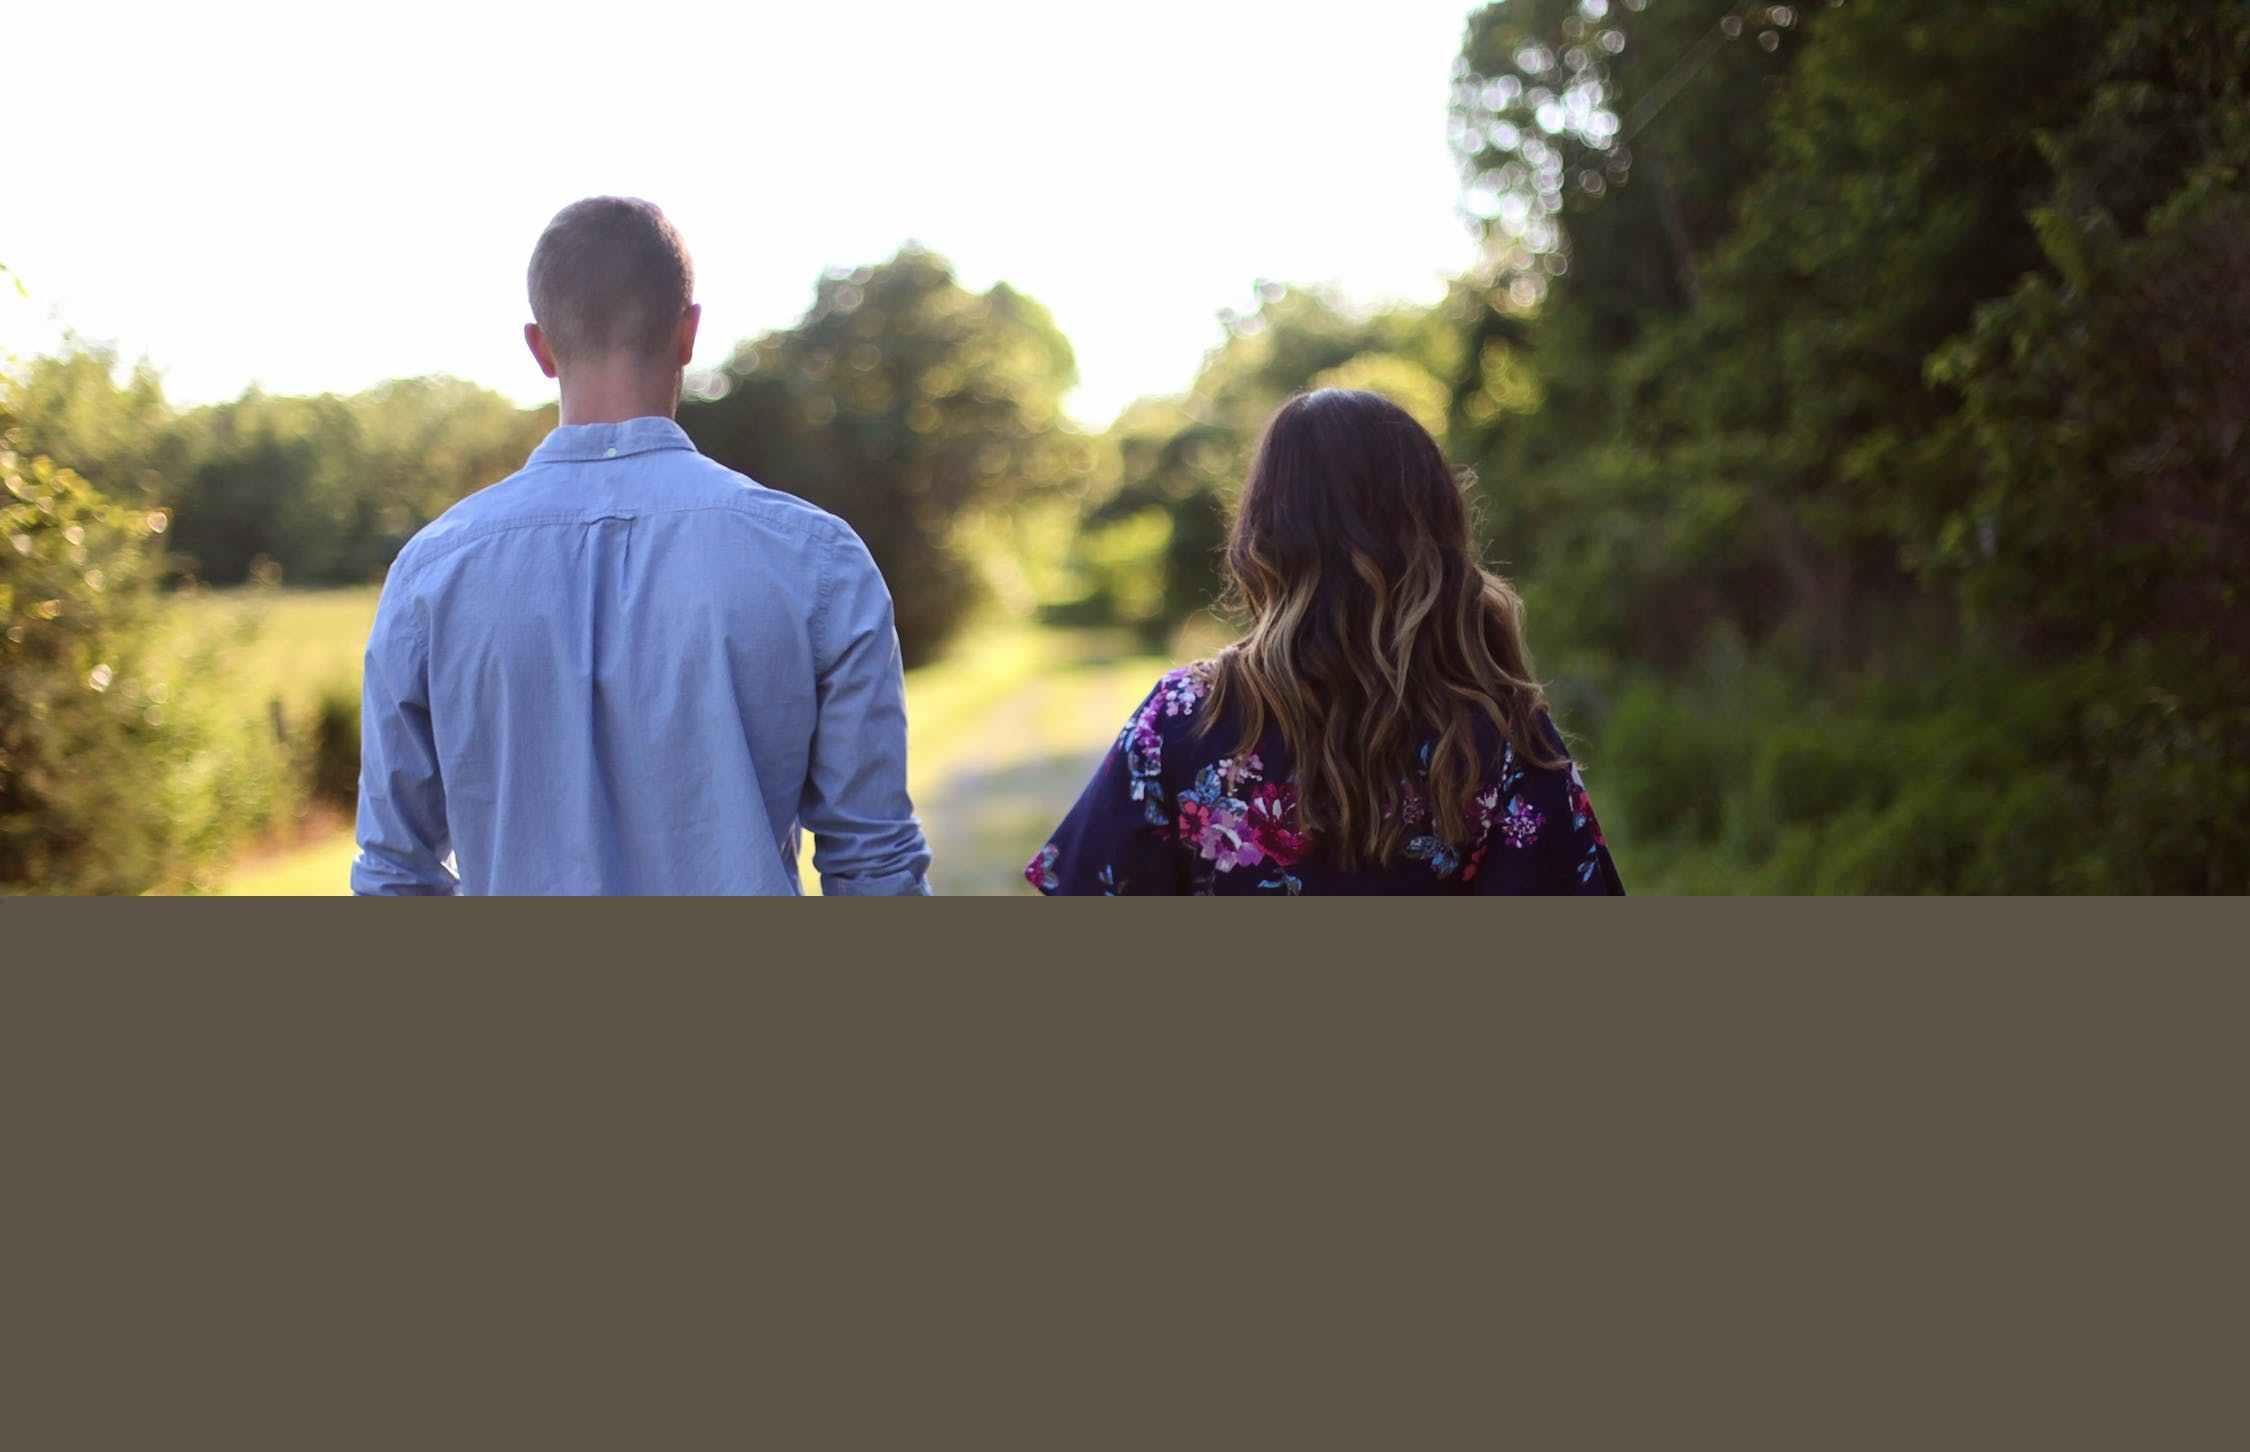 老公总出轨_老公总怀疑曾出轨的老婆对吗_梦见老公出轨同时老公也梦见出轨